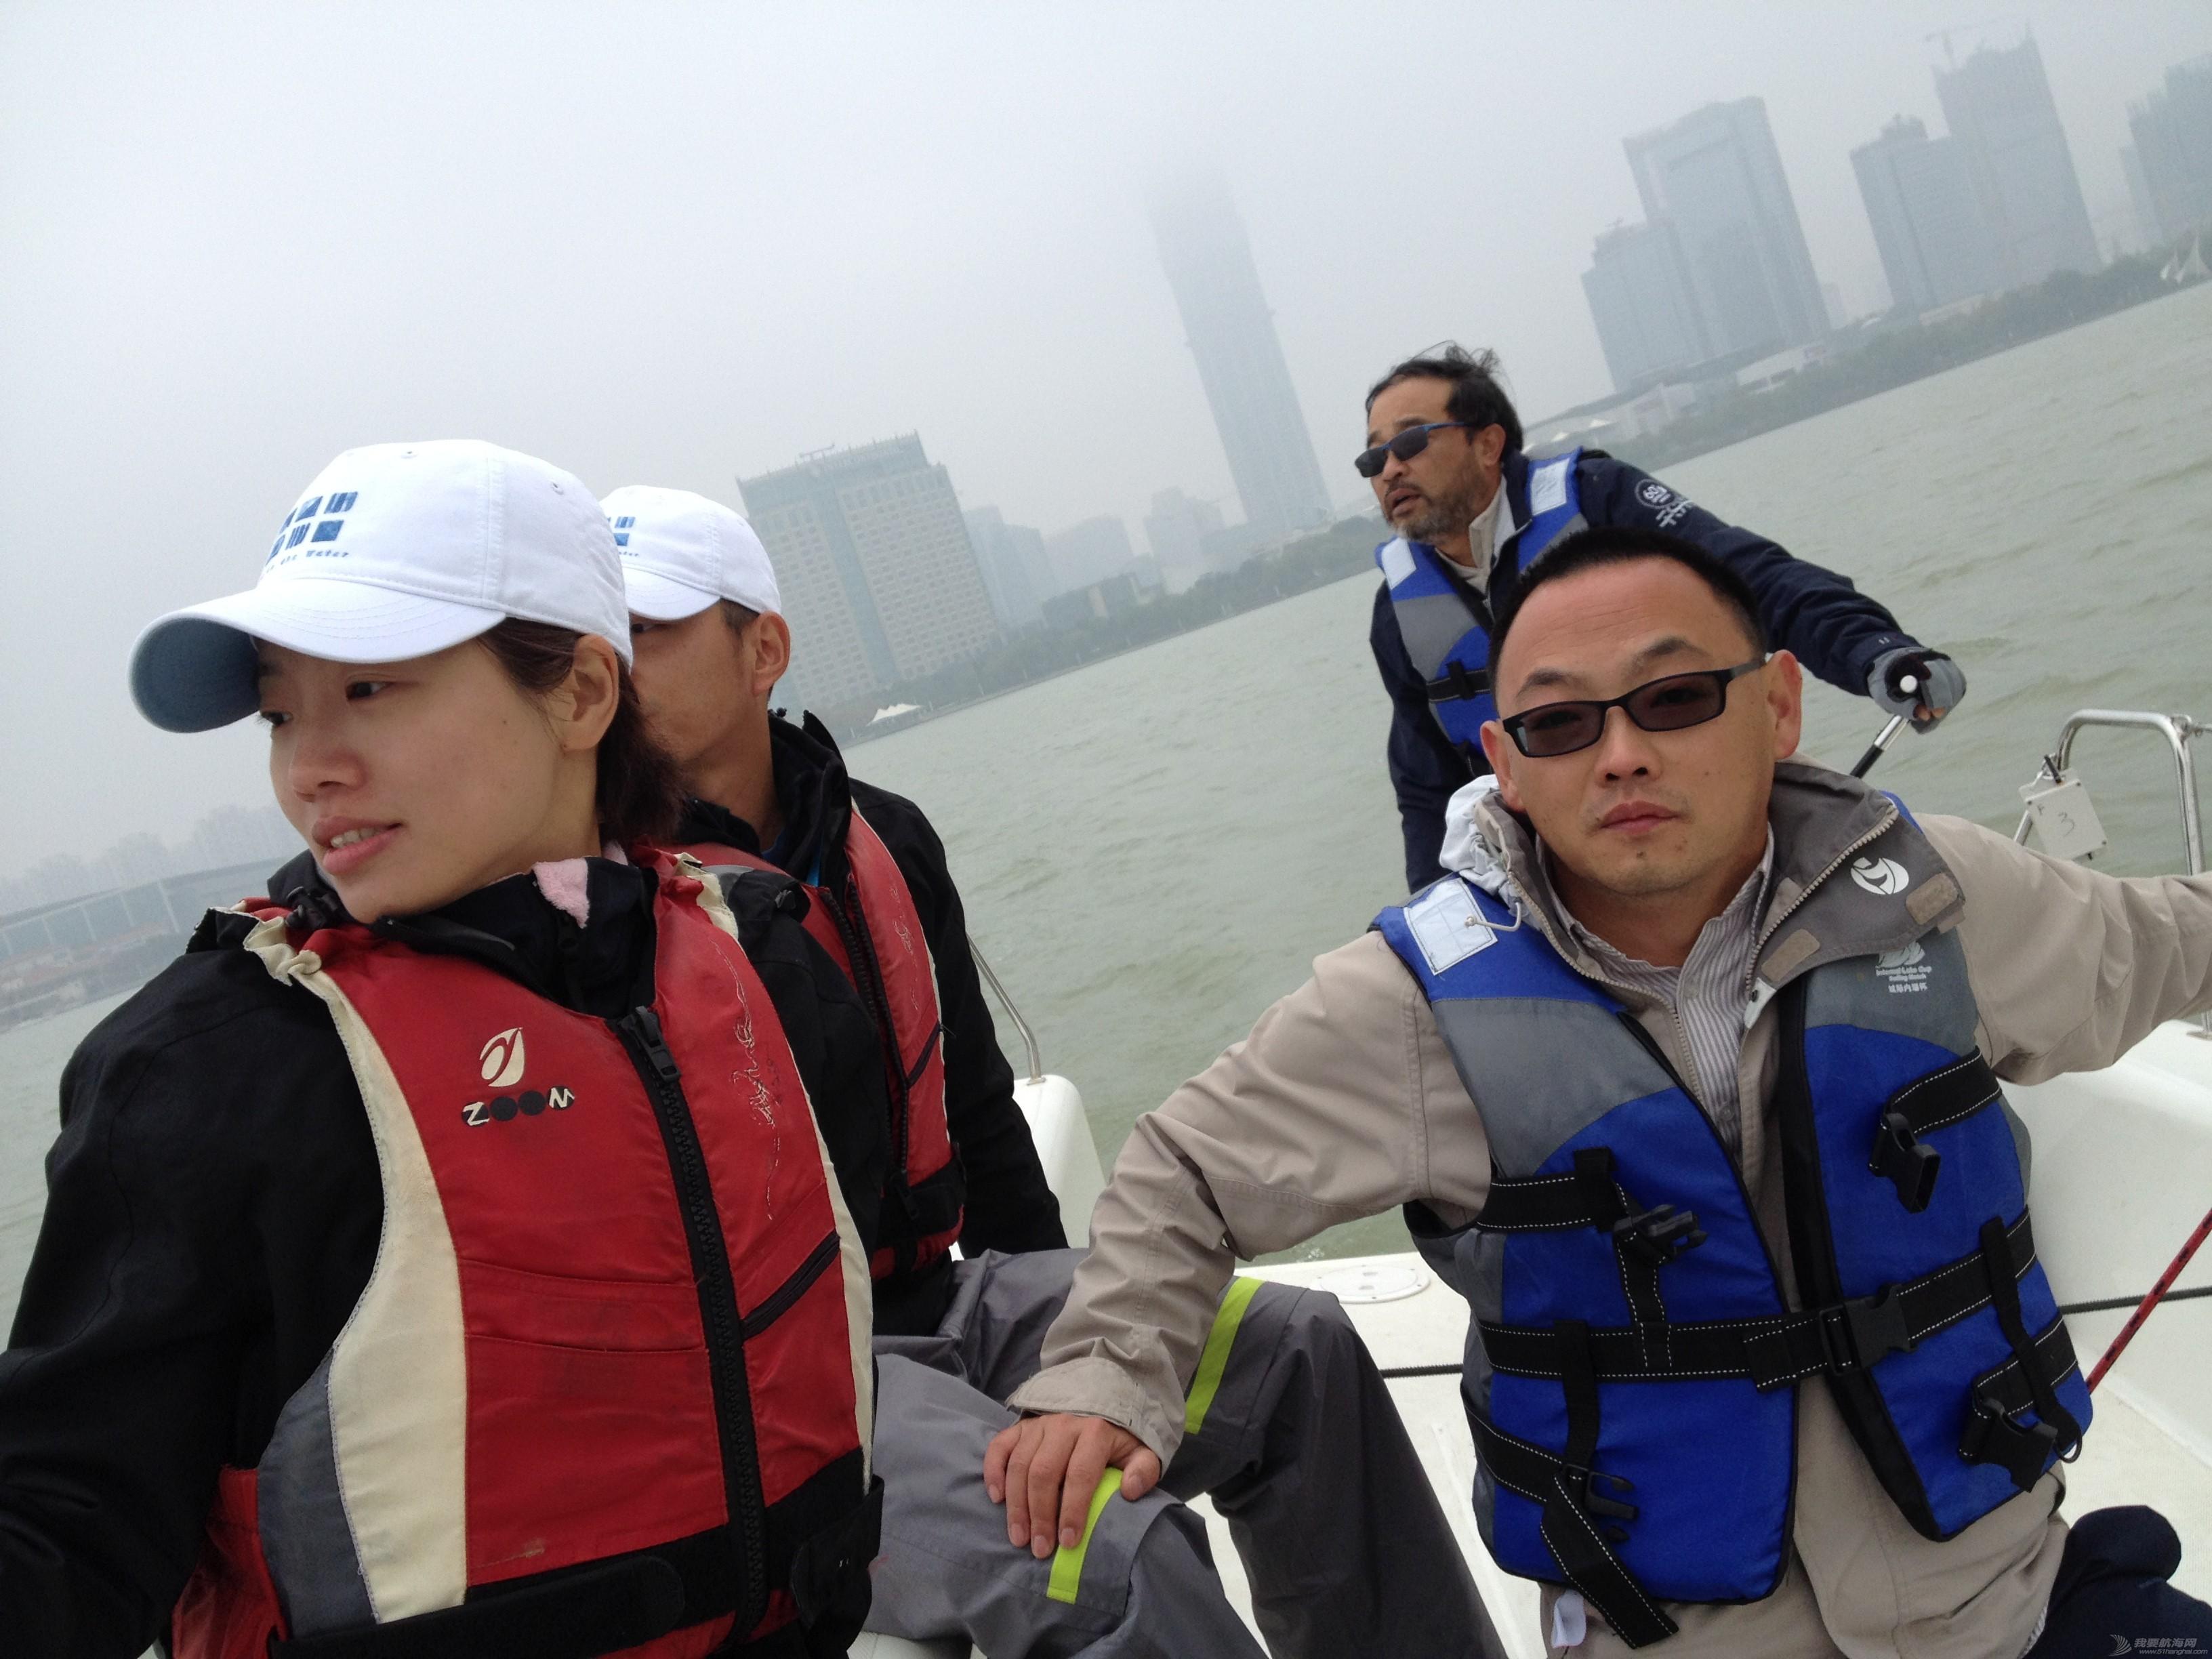 金鸡,苏州 苏州金鸡湖帆船赛-我的处女赛 IMG_2938.JPG